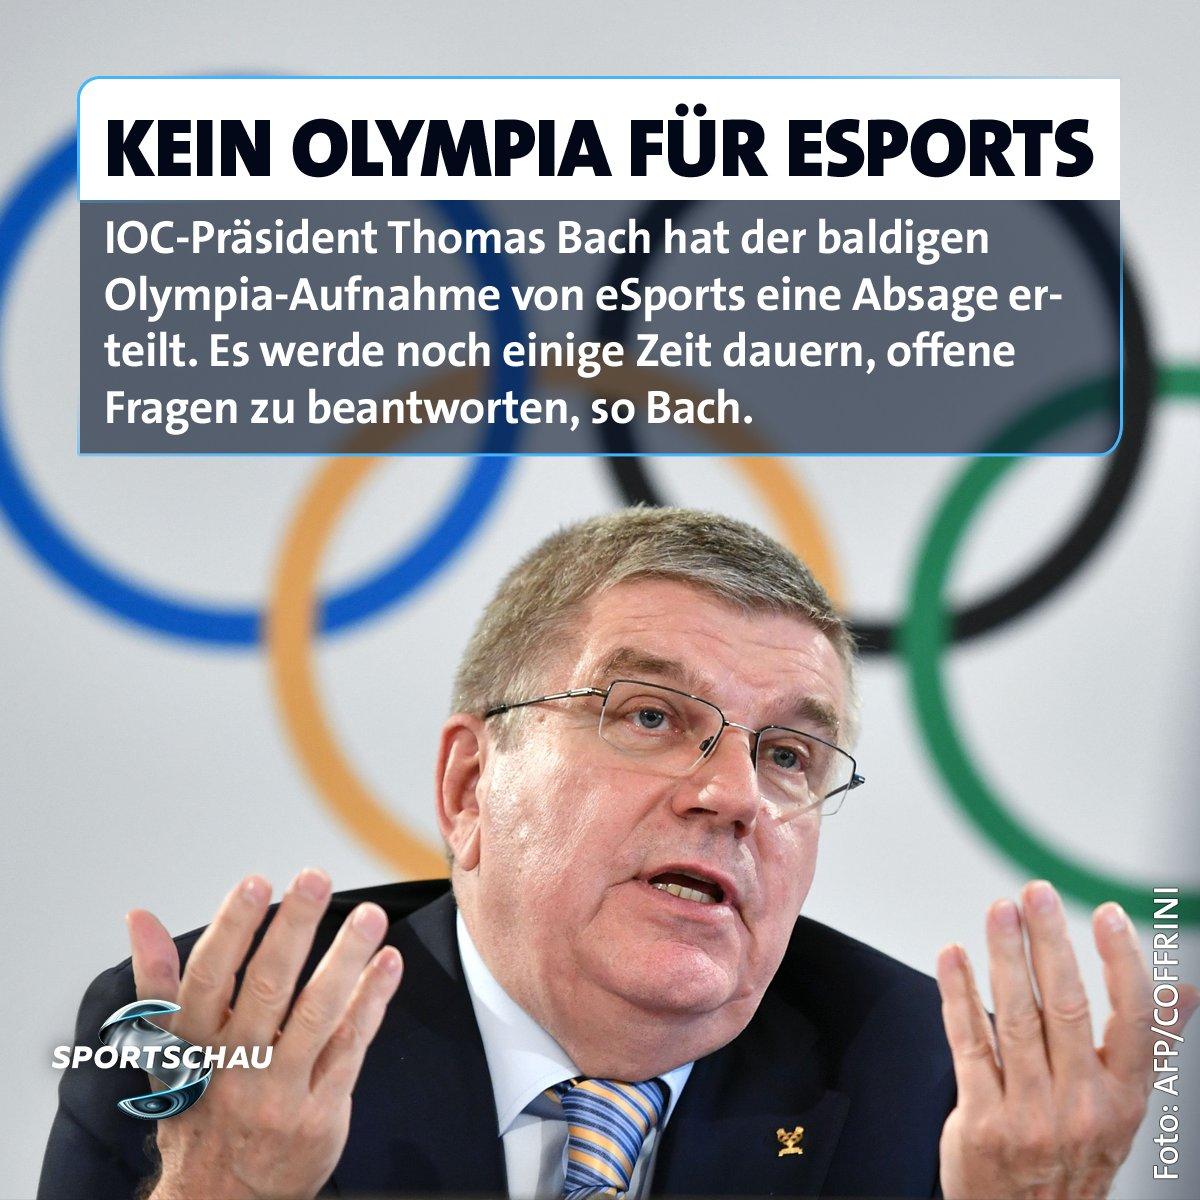 So schnell wird man eSports wohl doch nicht bei den Olympischen Spielen sehen. Meinungen? #IOC #eSports #bach